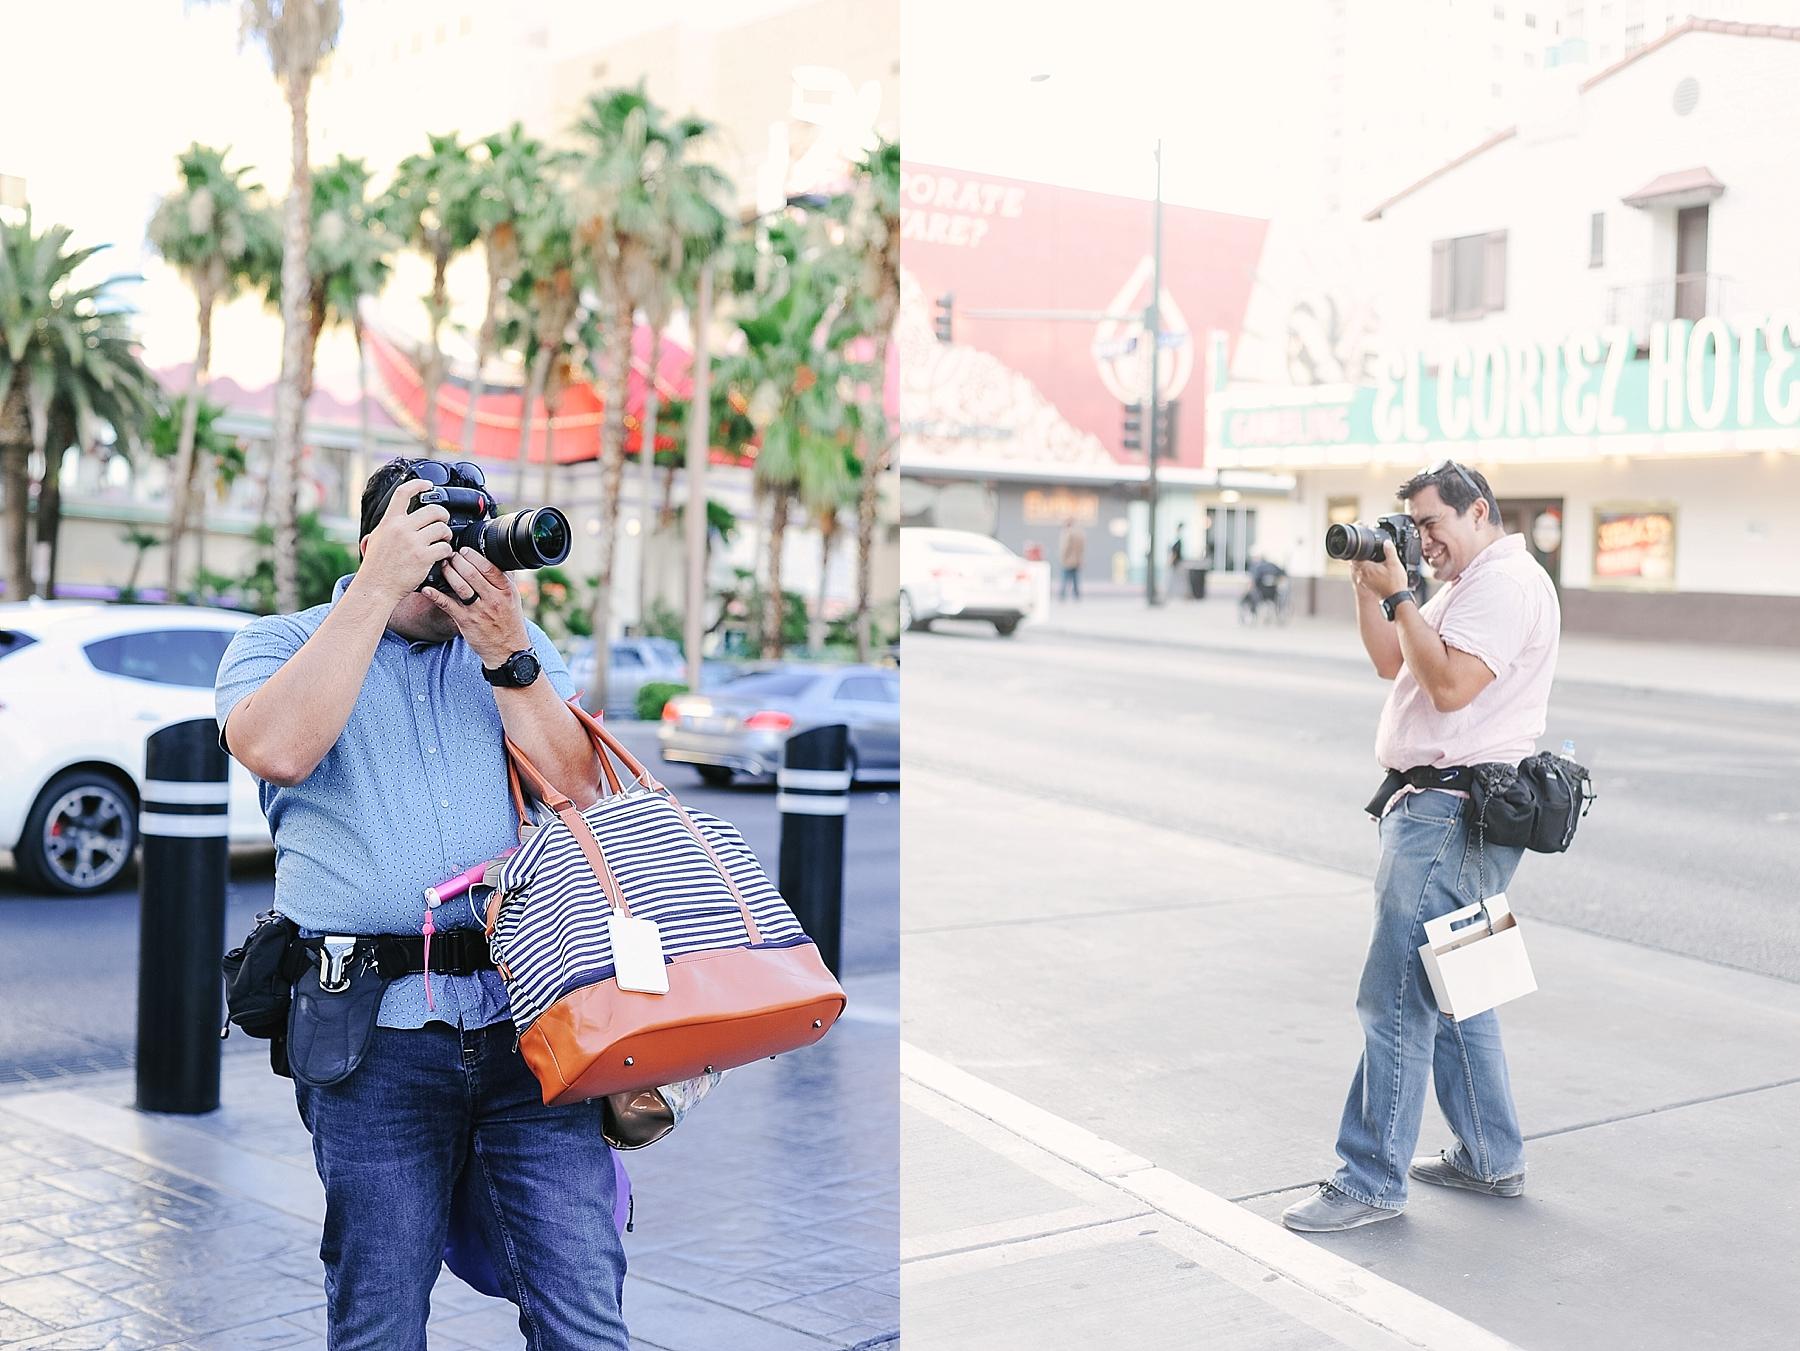 las_vegas_wedding_photographers_behind_the_scenes-01-13.jpg